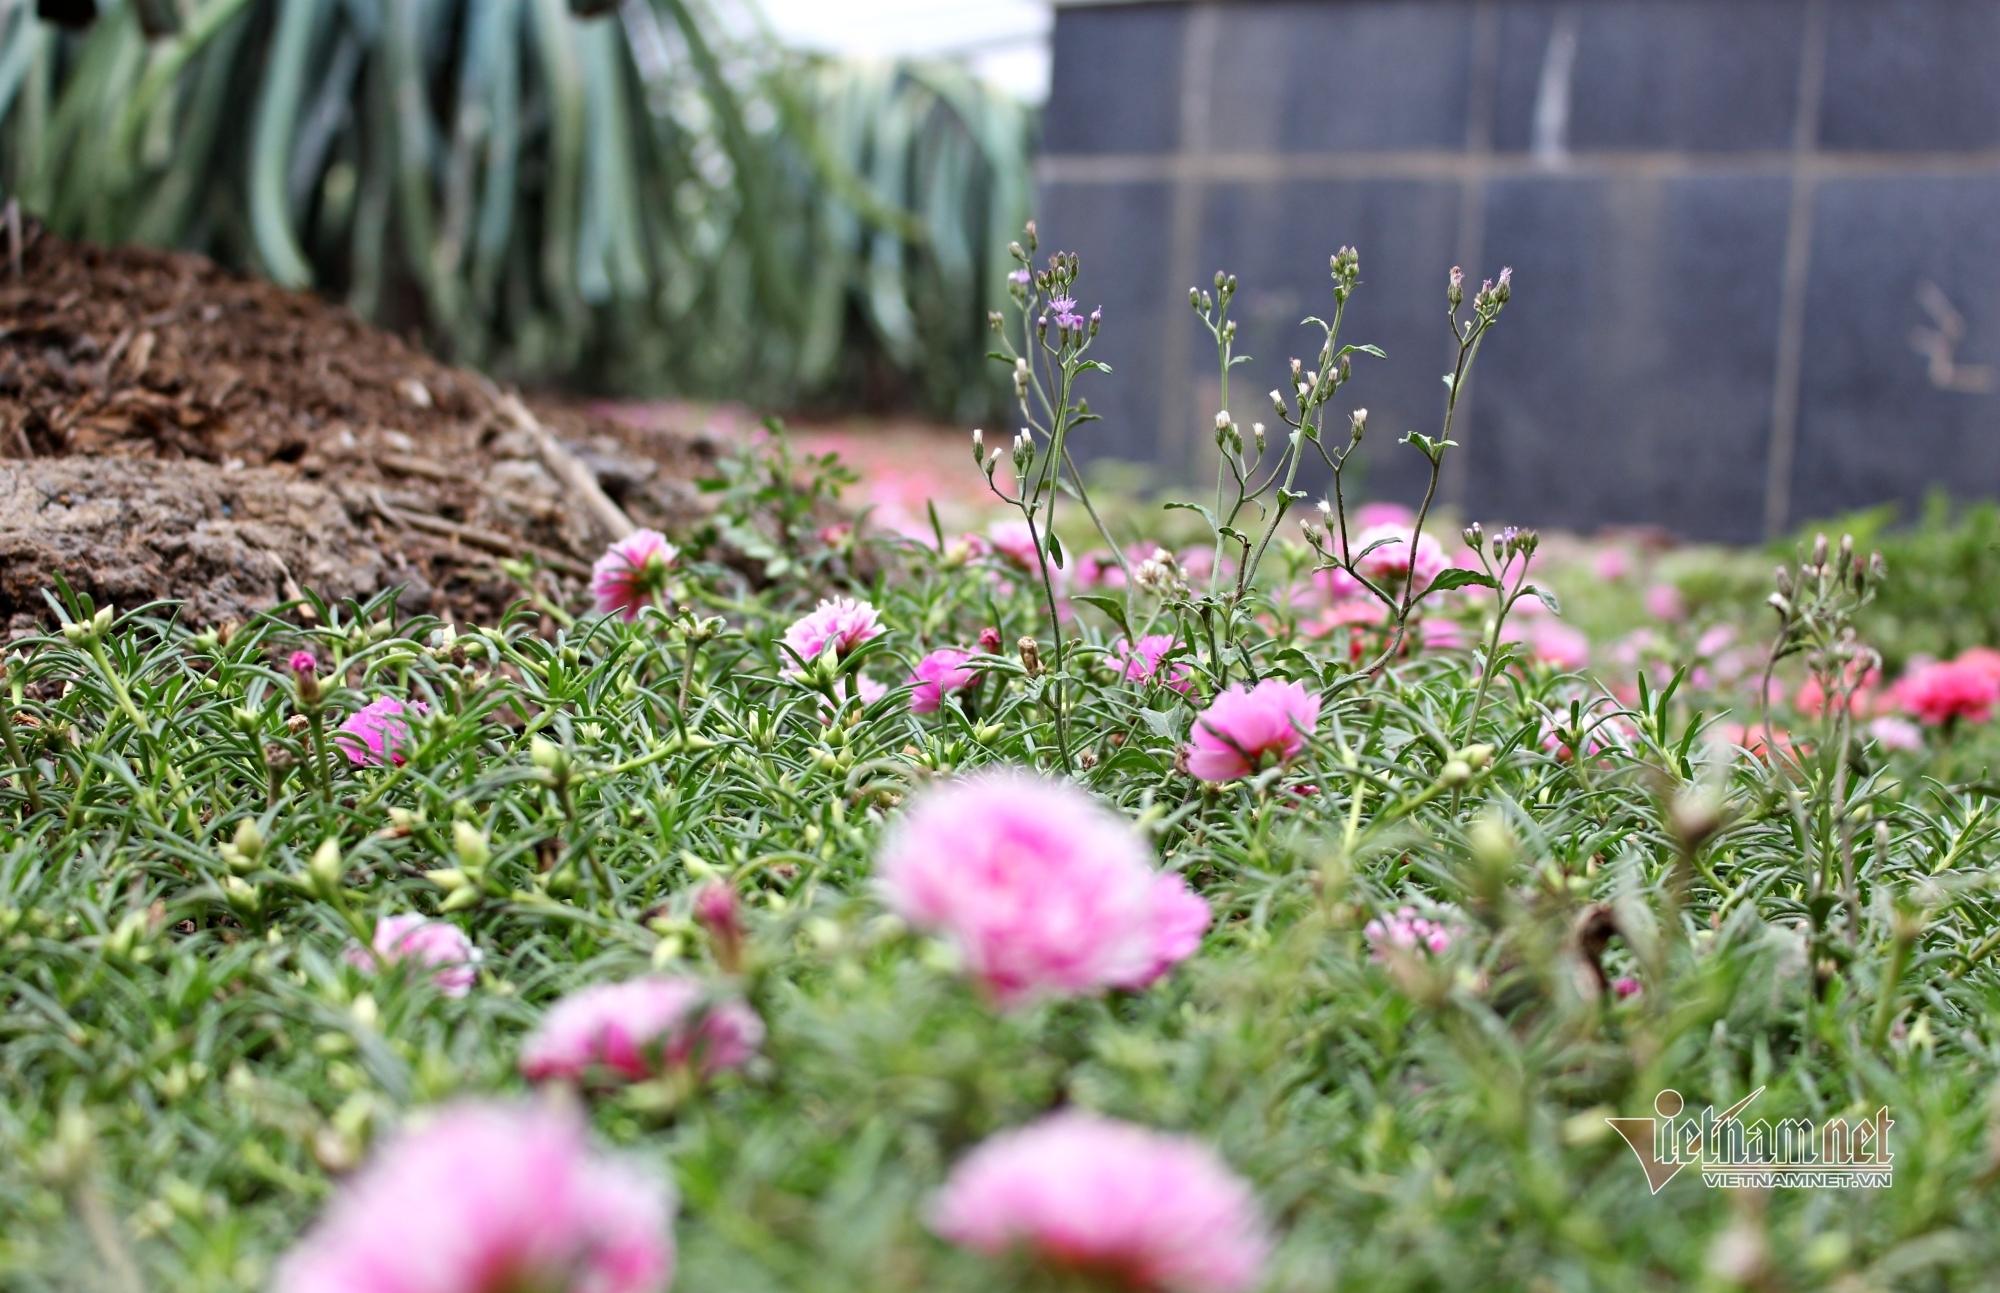 Vườn thanh long được 'trải' thảm hoa mười giờ đẹp ngỡ ngàng ở miền Tây